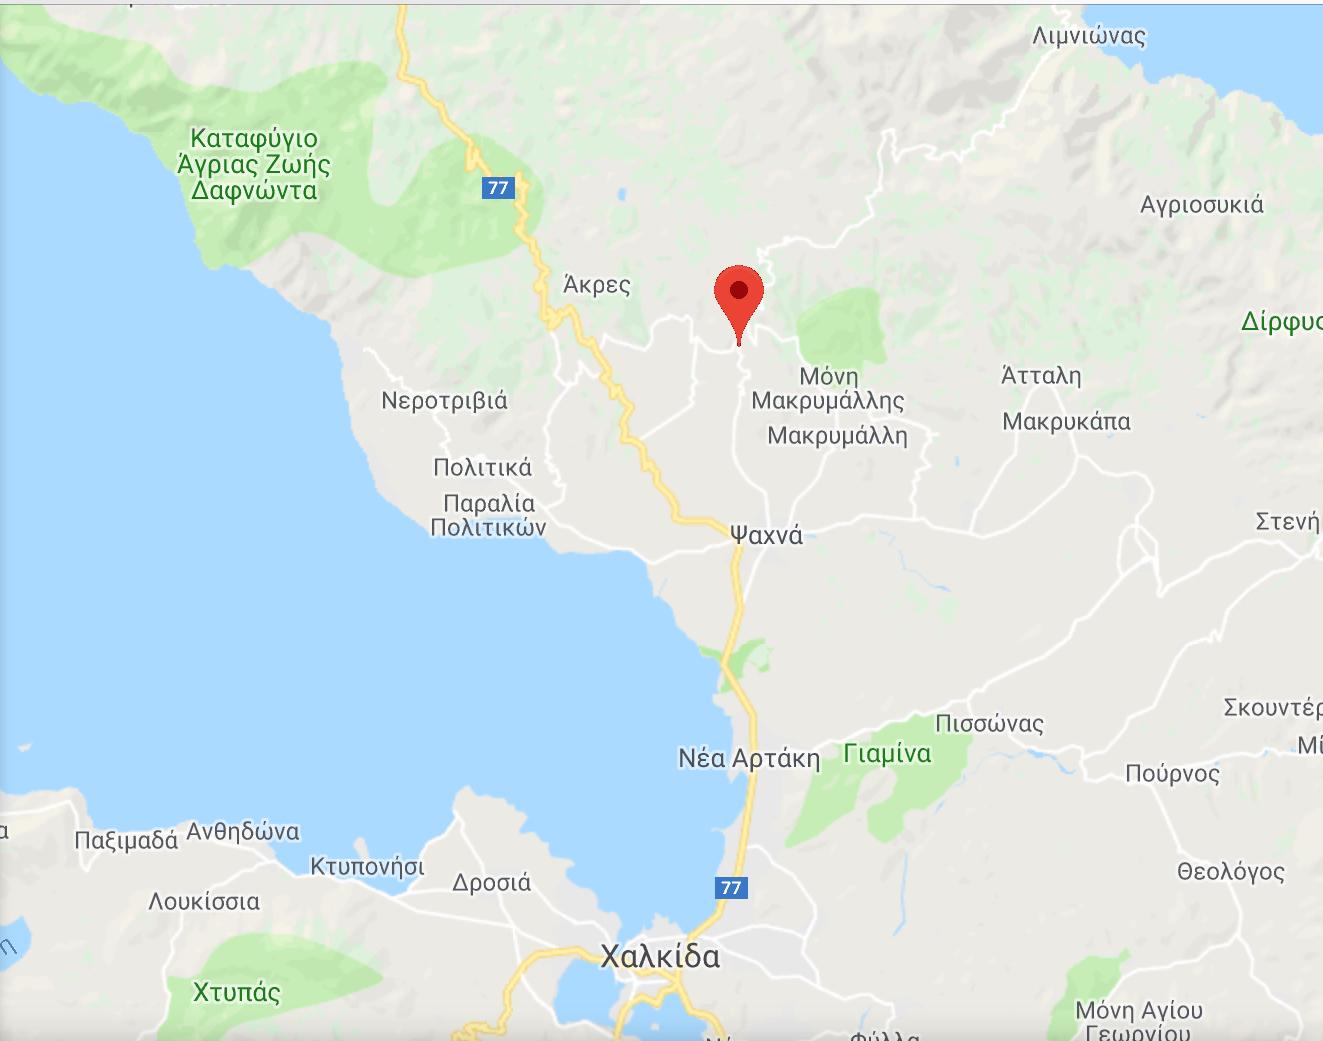 ΤΩΡΑ ΦΩΤΙΑ στην Εύβοια-Εκκενώθηκε το χωριό Κοντοδεσπότιο-Σε συναγερμό Ψαχνά και Πολιτικά